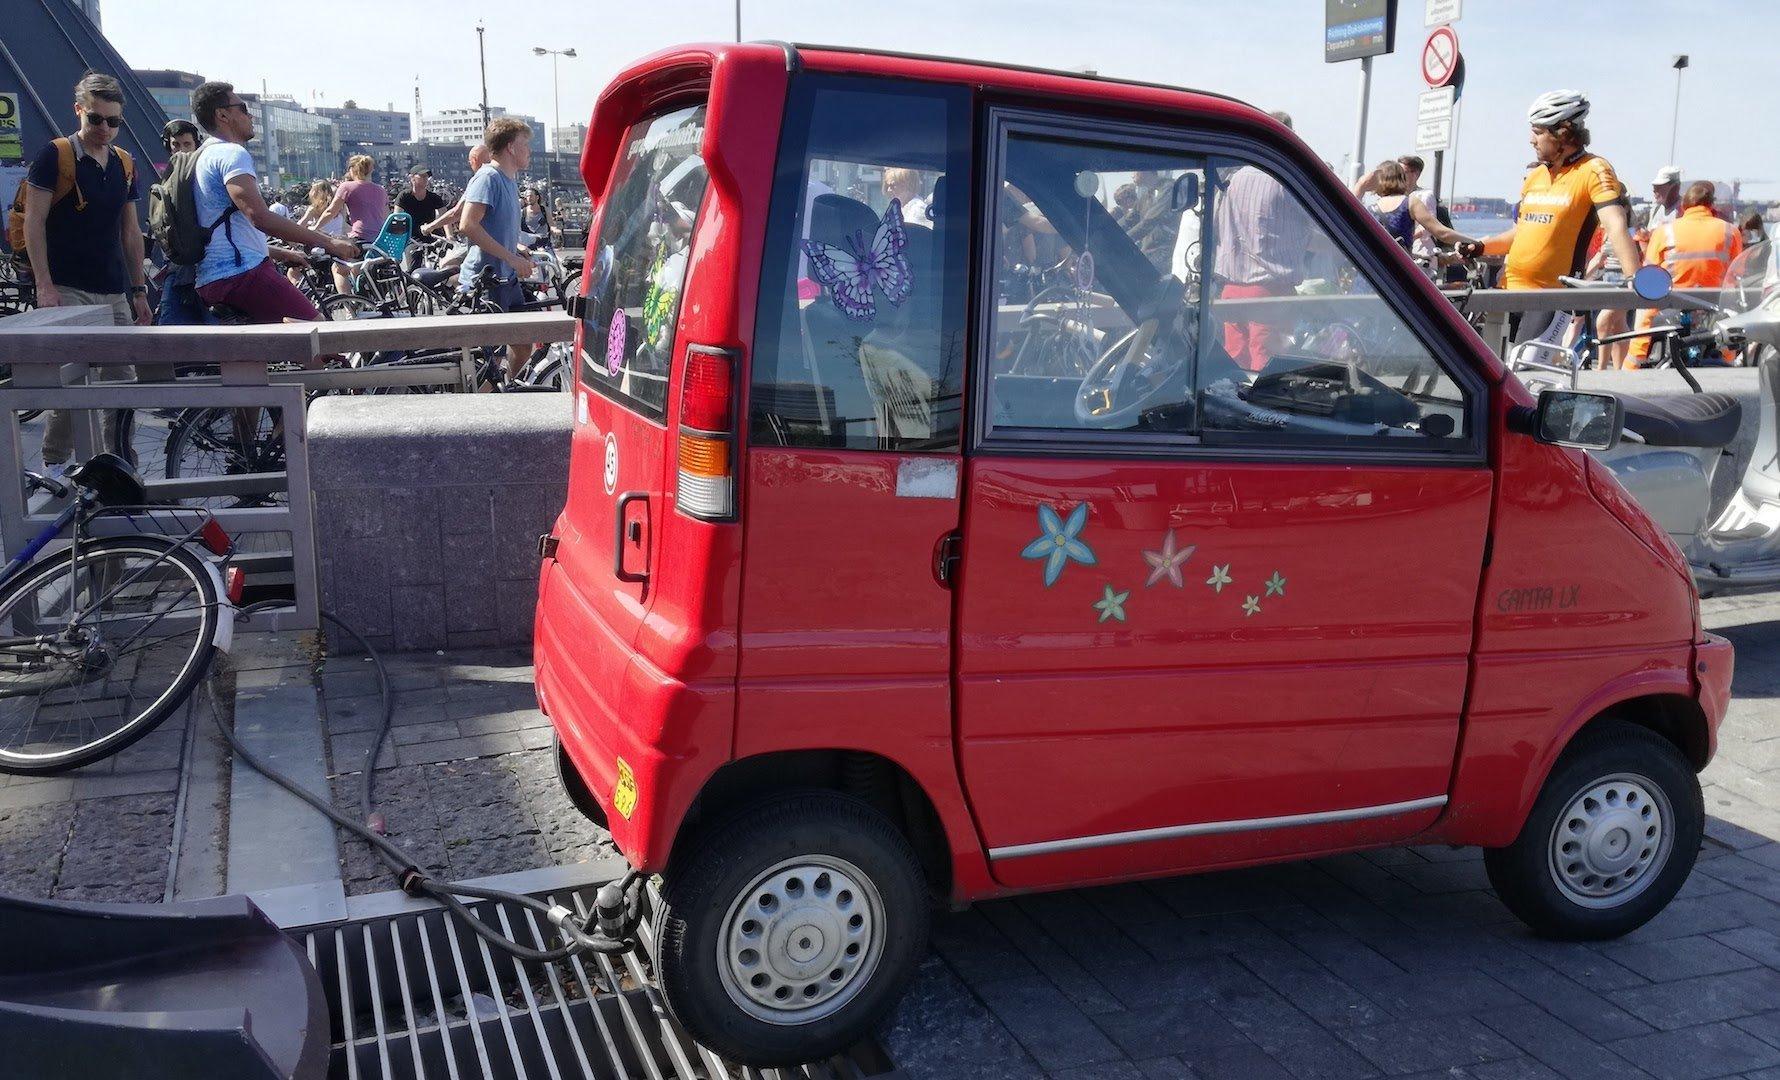 Ein kleines rotes E-Auto steht an einer Ladestation. Im Hintergrund sind Menschen zu sehen.